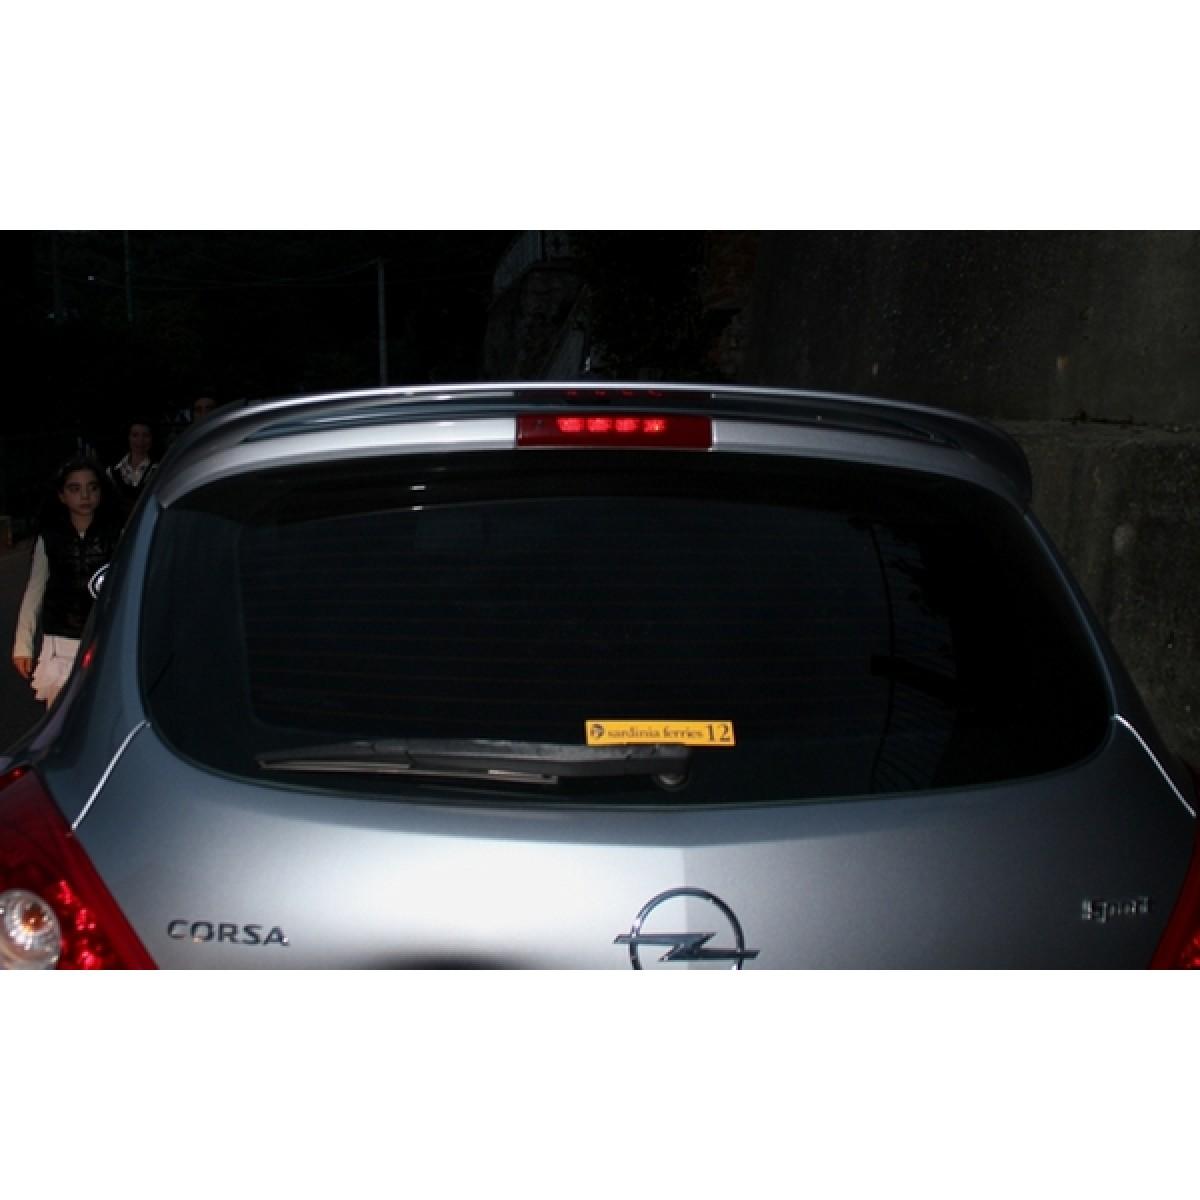 Spoiler Opel Corsa d 3 Porte Spoiler Alettone Opel Corsa d